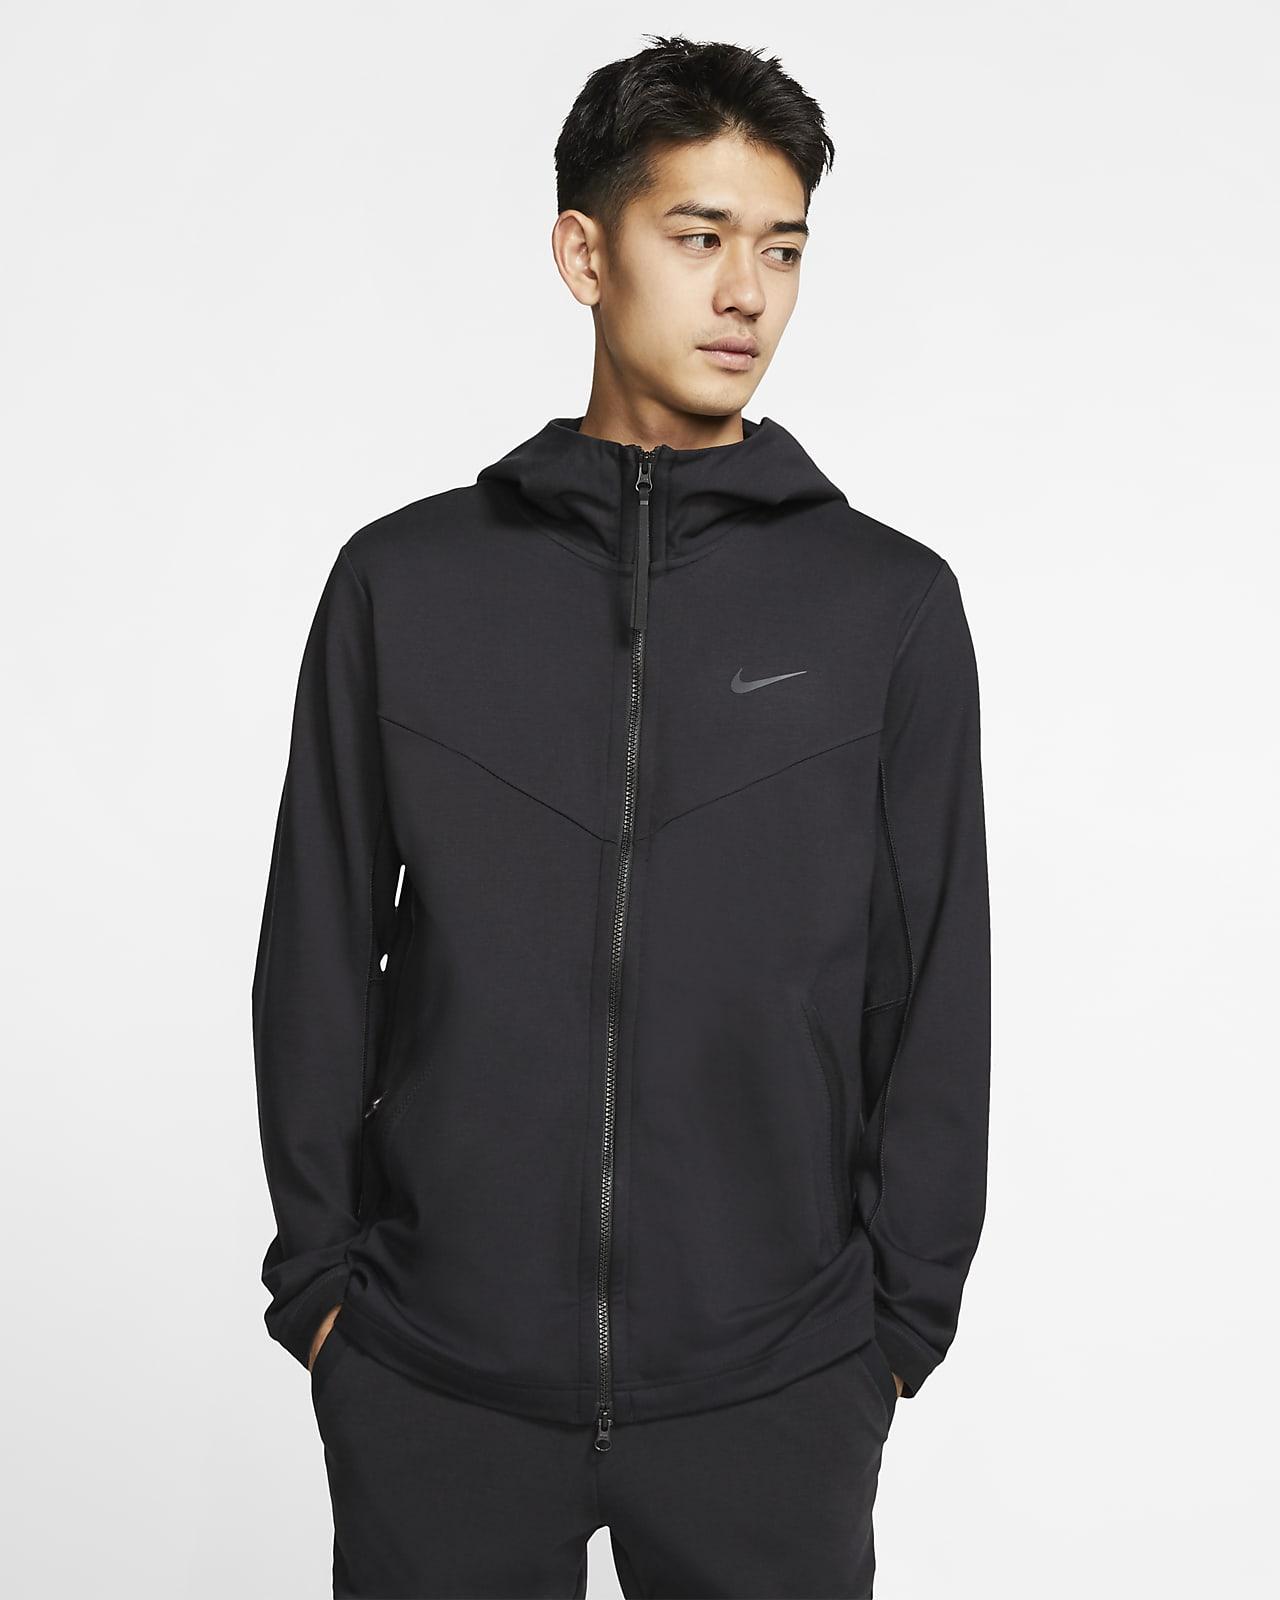 Nike Sportswear Tech Pack Men S Hooded Full Zip Jacket Nike Id